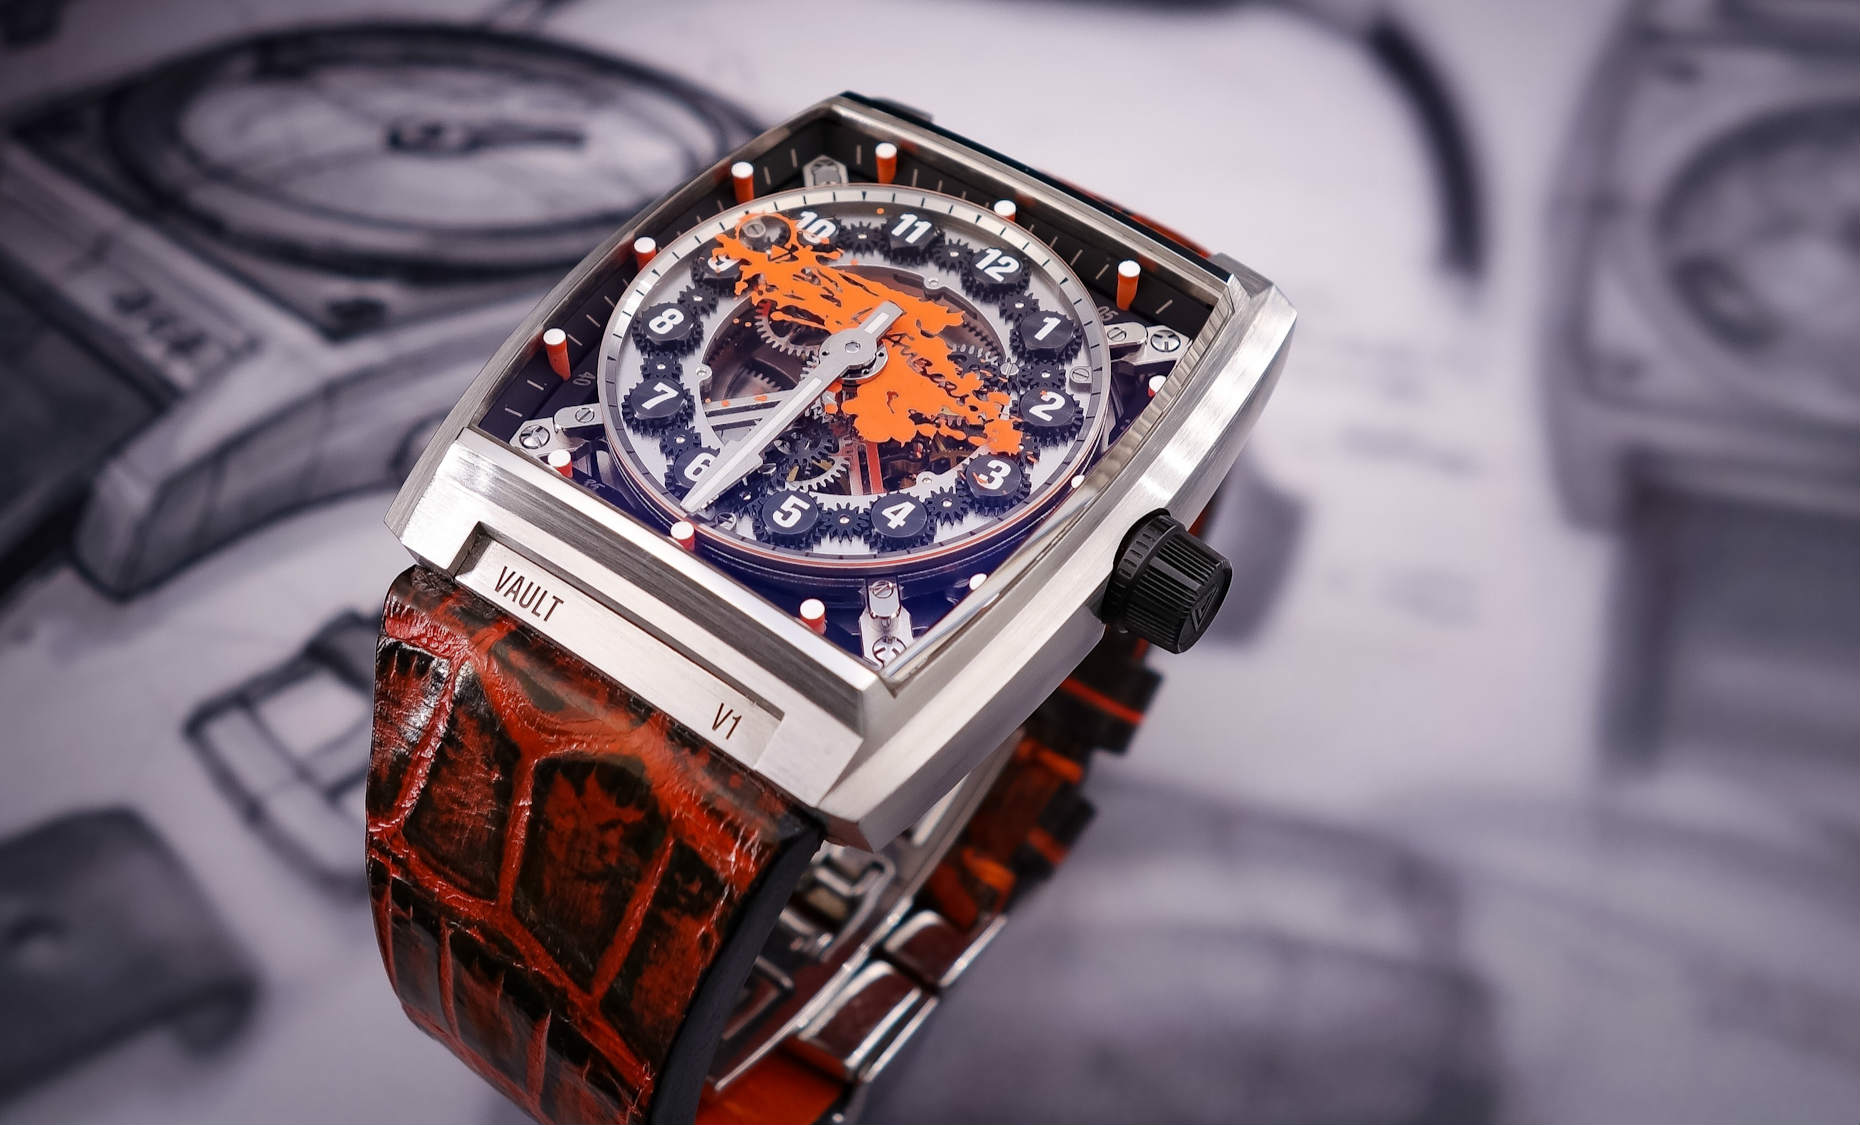 Vault V1-X watch made in Switzerland